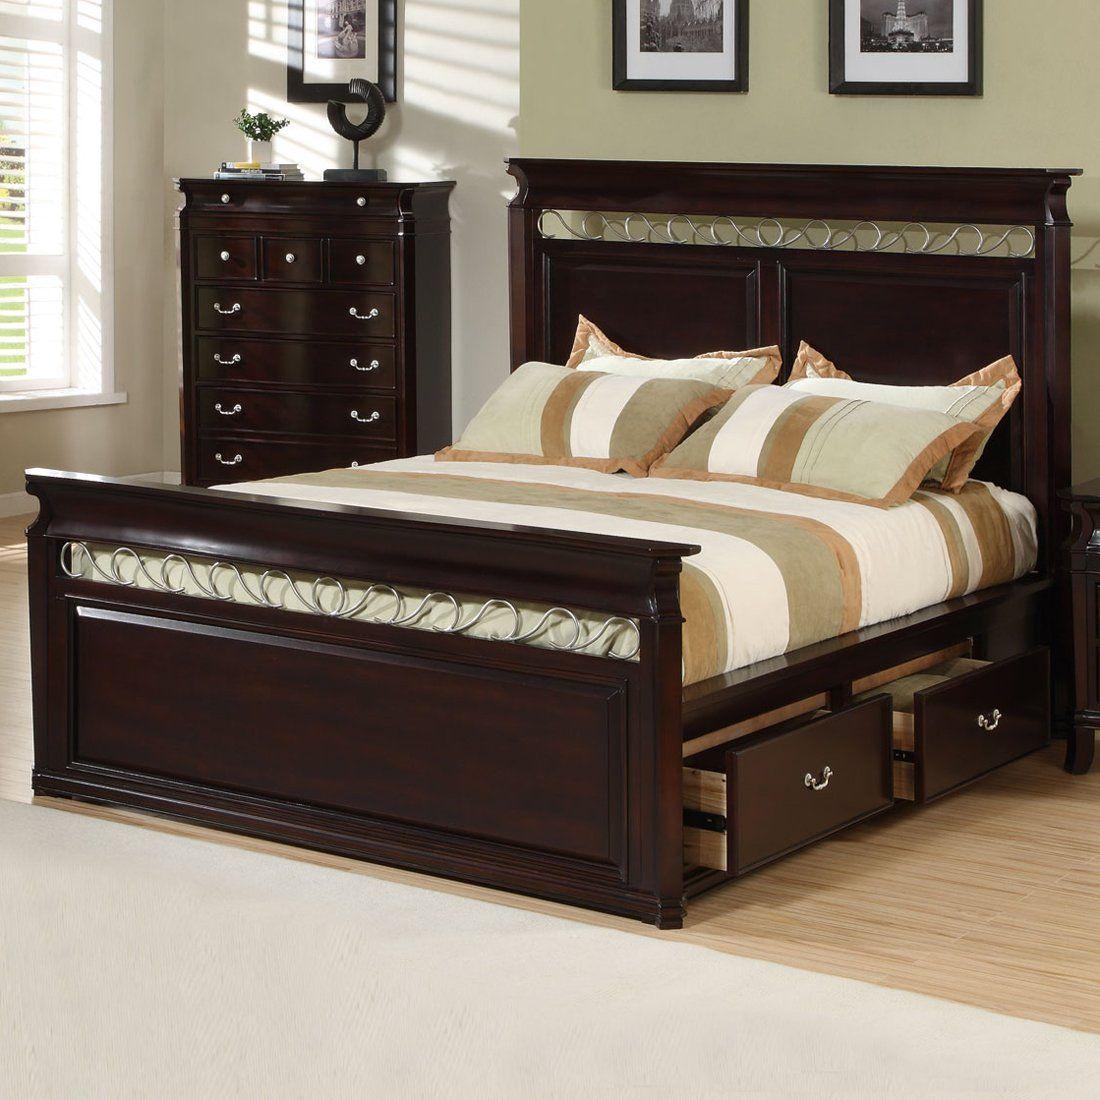 Coaster Fine Furniture Manhattan Storage Bed - Home ...